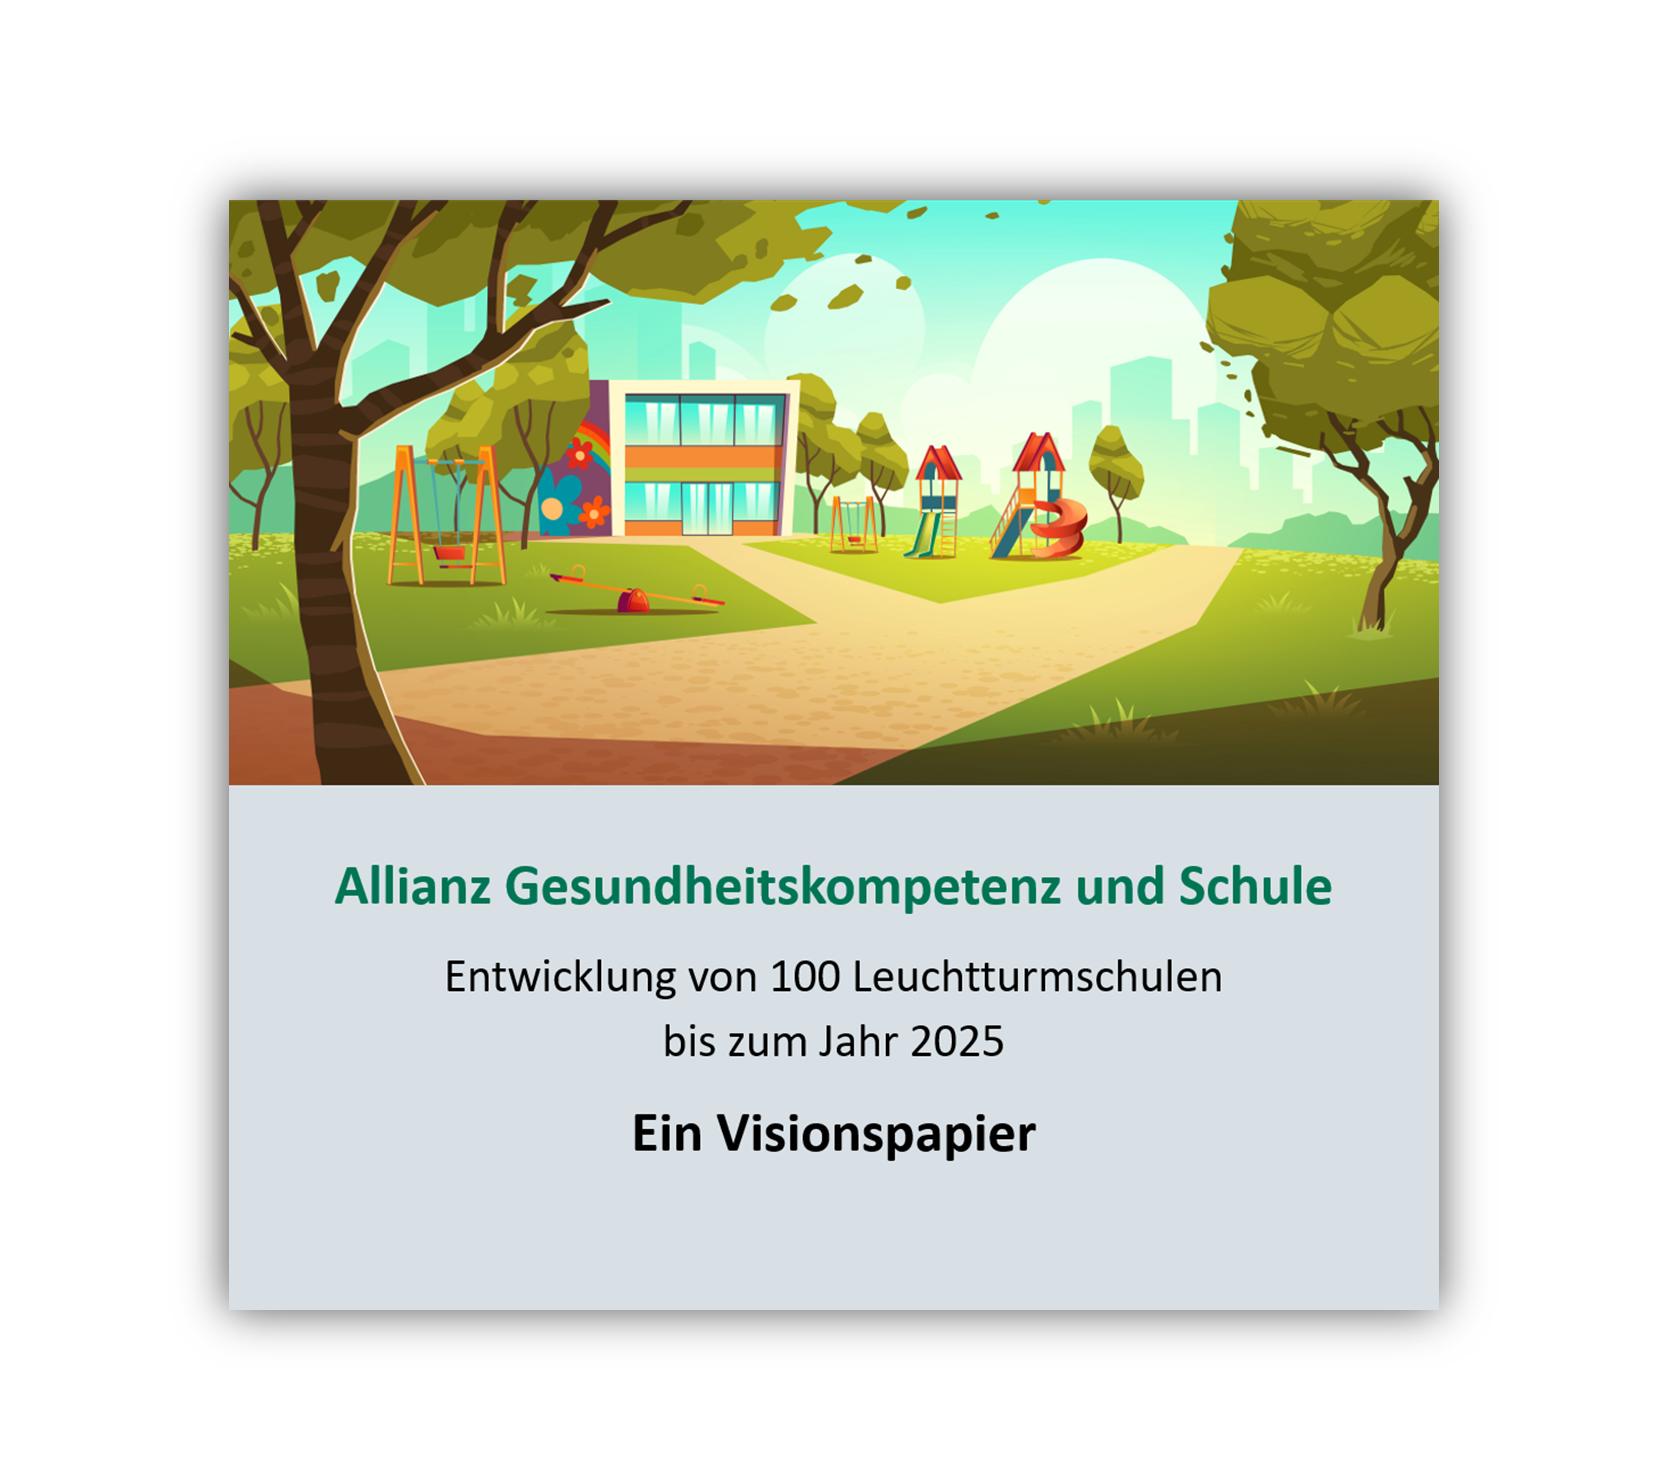 Visionspapier Allianz Gesundheitskompetenz und Schule